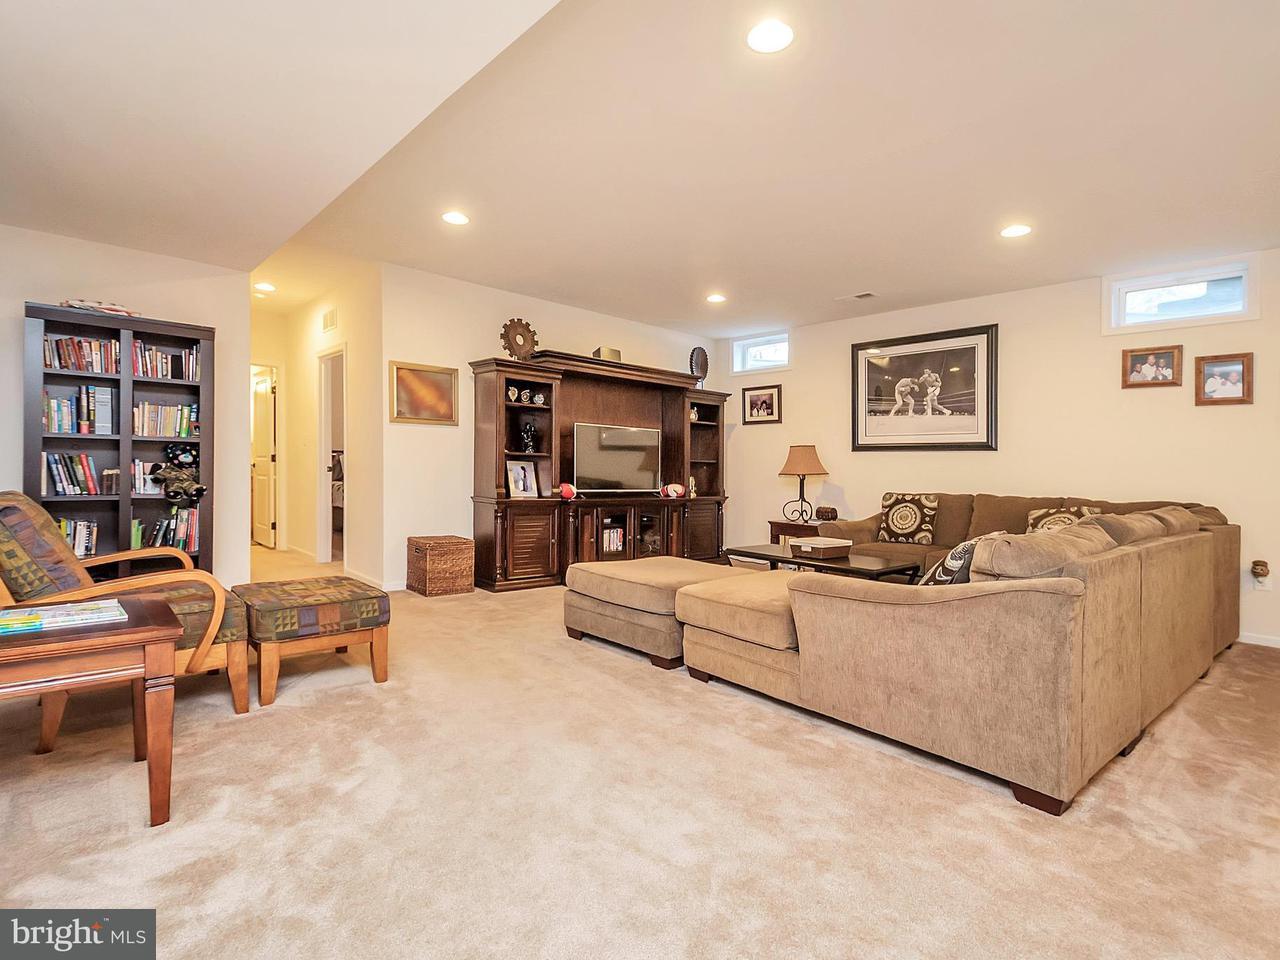 Casa Unifamiliar por un Venta en 24 LIBERTY KNOLLS Drive 24 LIBERTY KNOLLS Drive Stafford, Virginia 22554 Estados Unidos